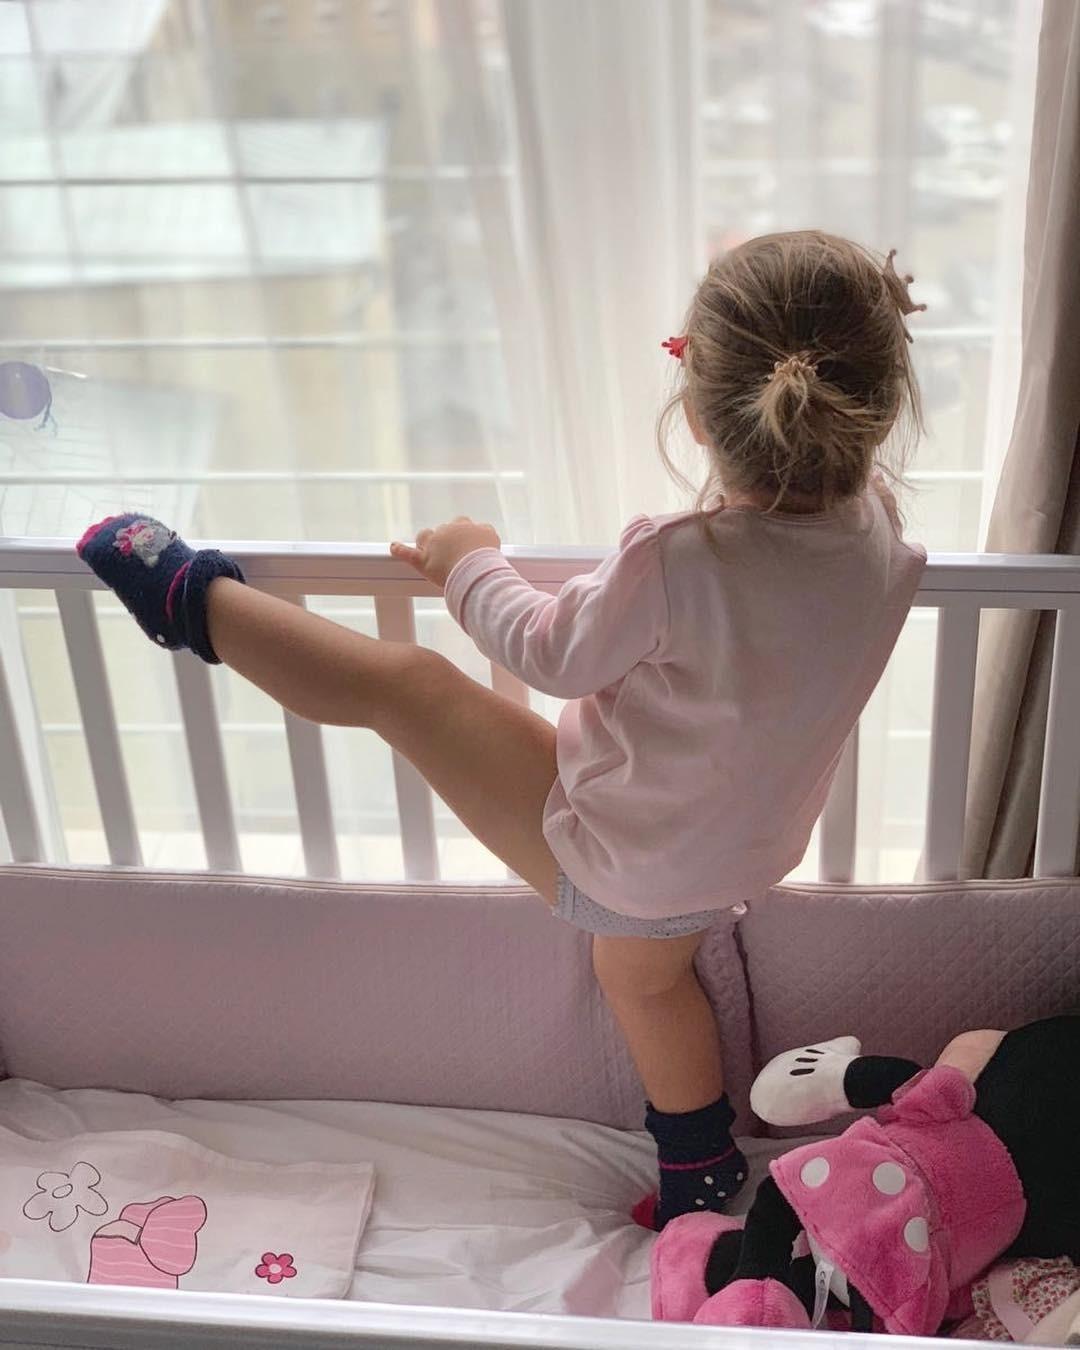 В кадре Мия стоит вкроватке, подняв ногу очень высоко. Как будто делает растяжку. «Моя маленькая балерина», - подписала фото Полина. Поклонники осыпали наследницу звезды комплиментами....